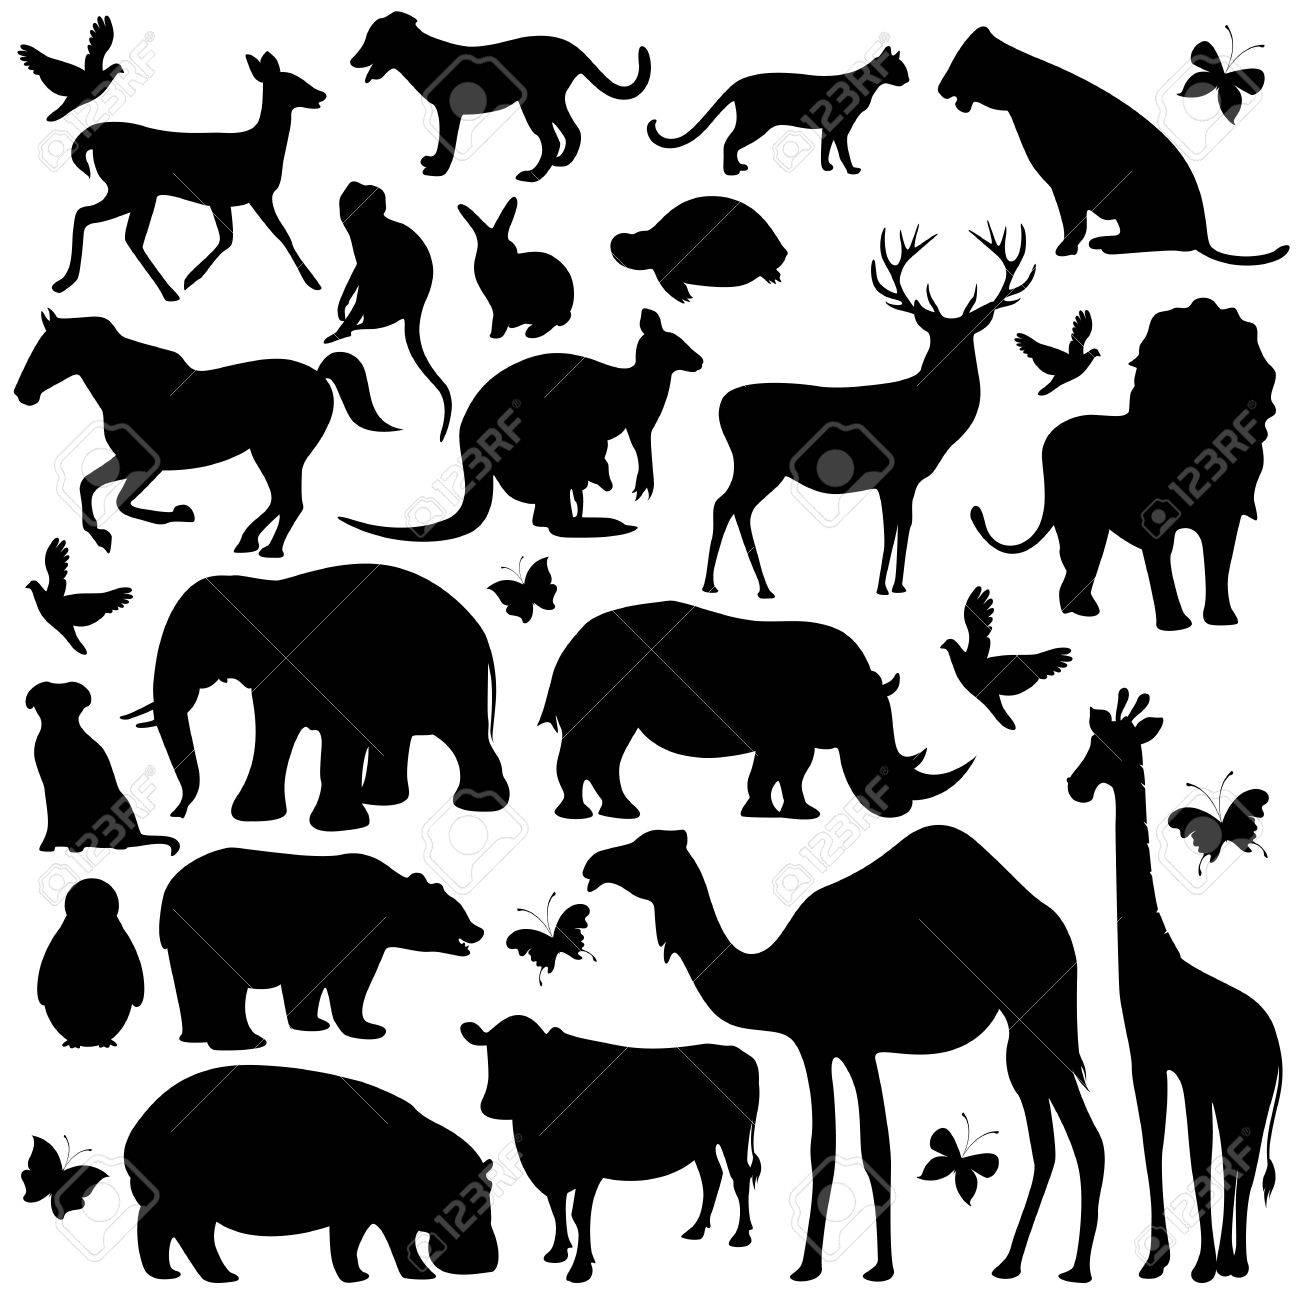 孤立した背景に動物のシルエットのコレクションのイラスト